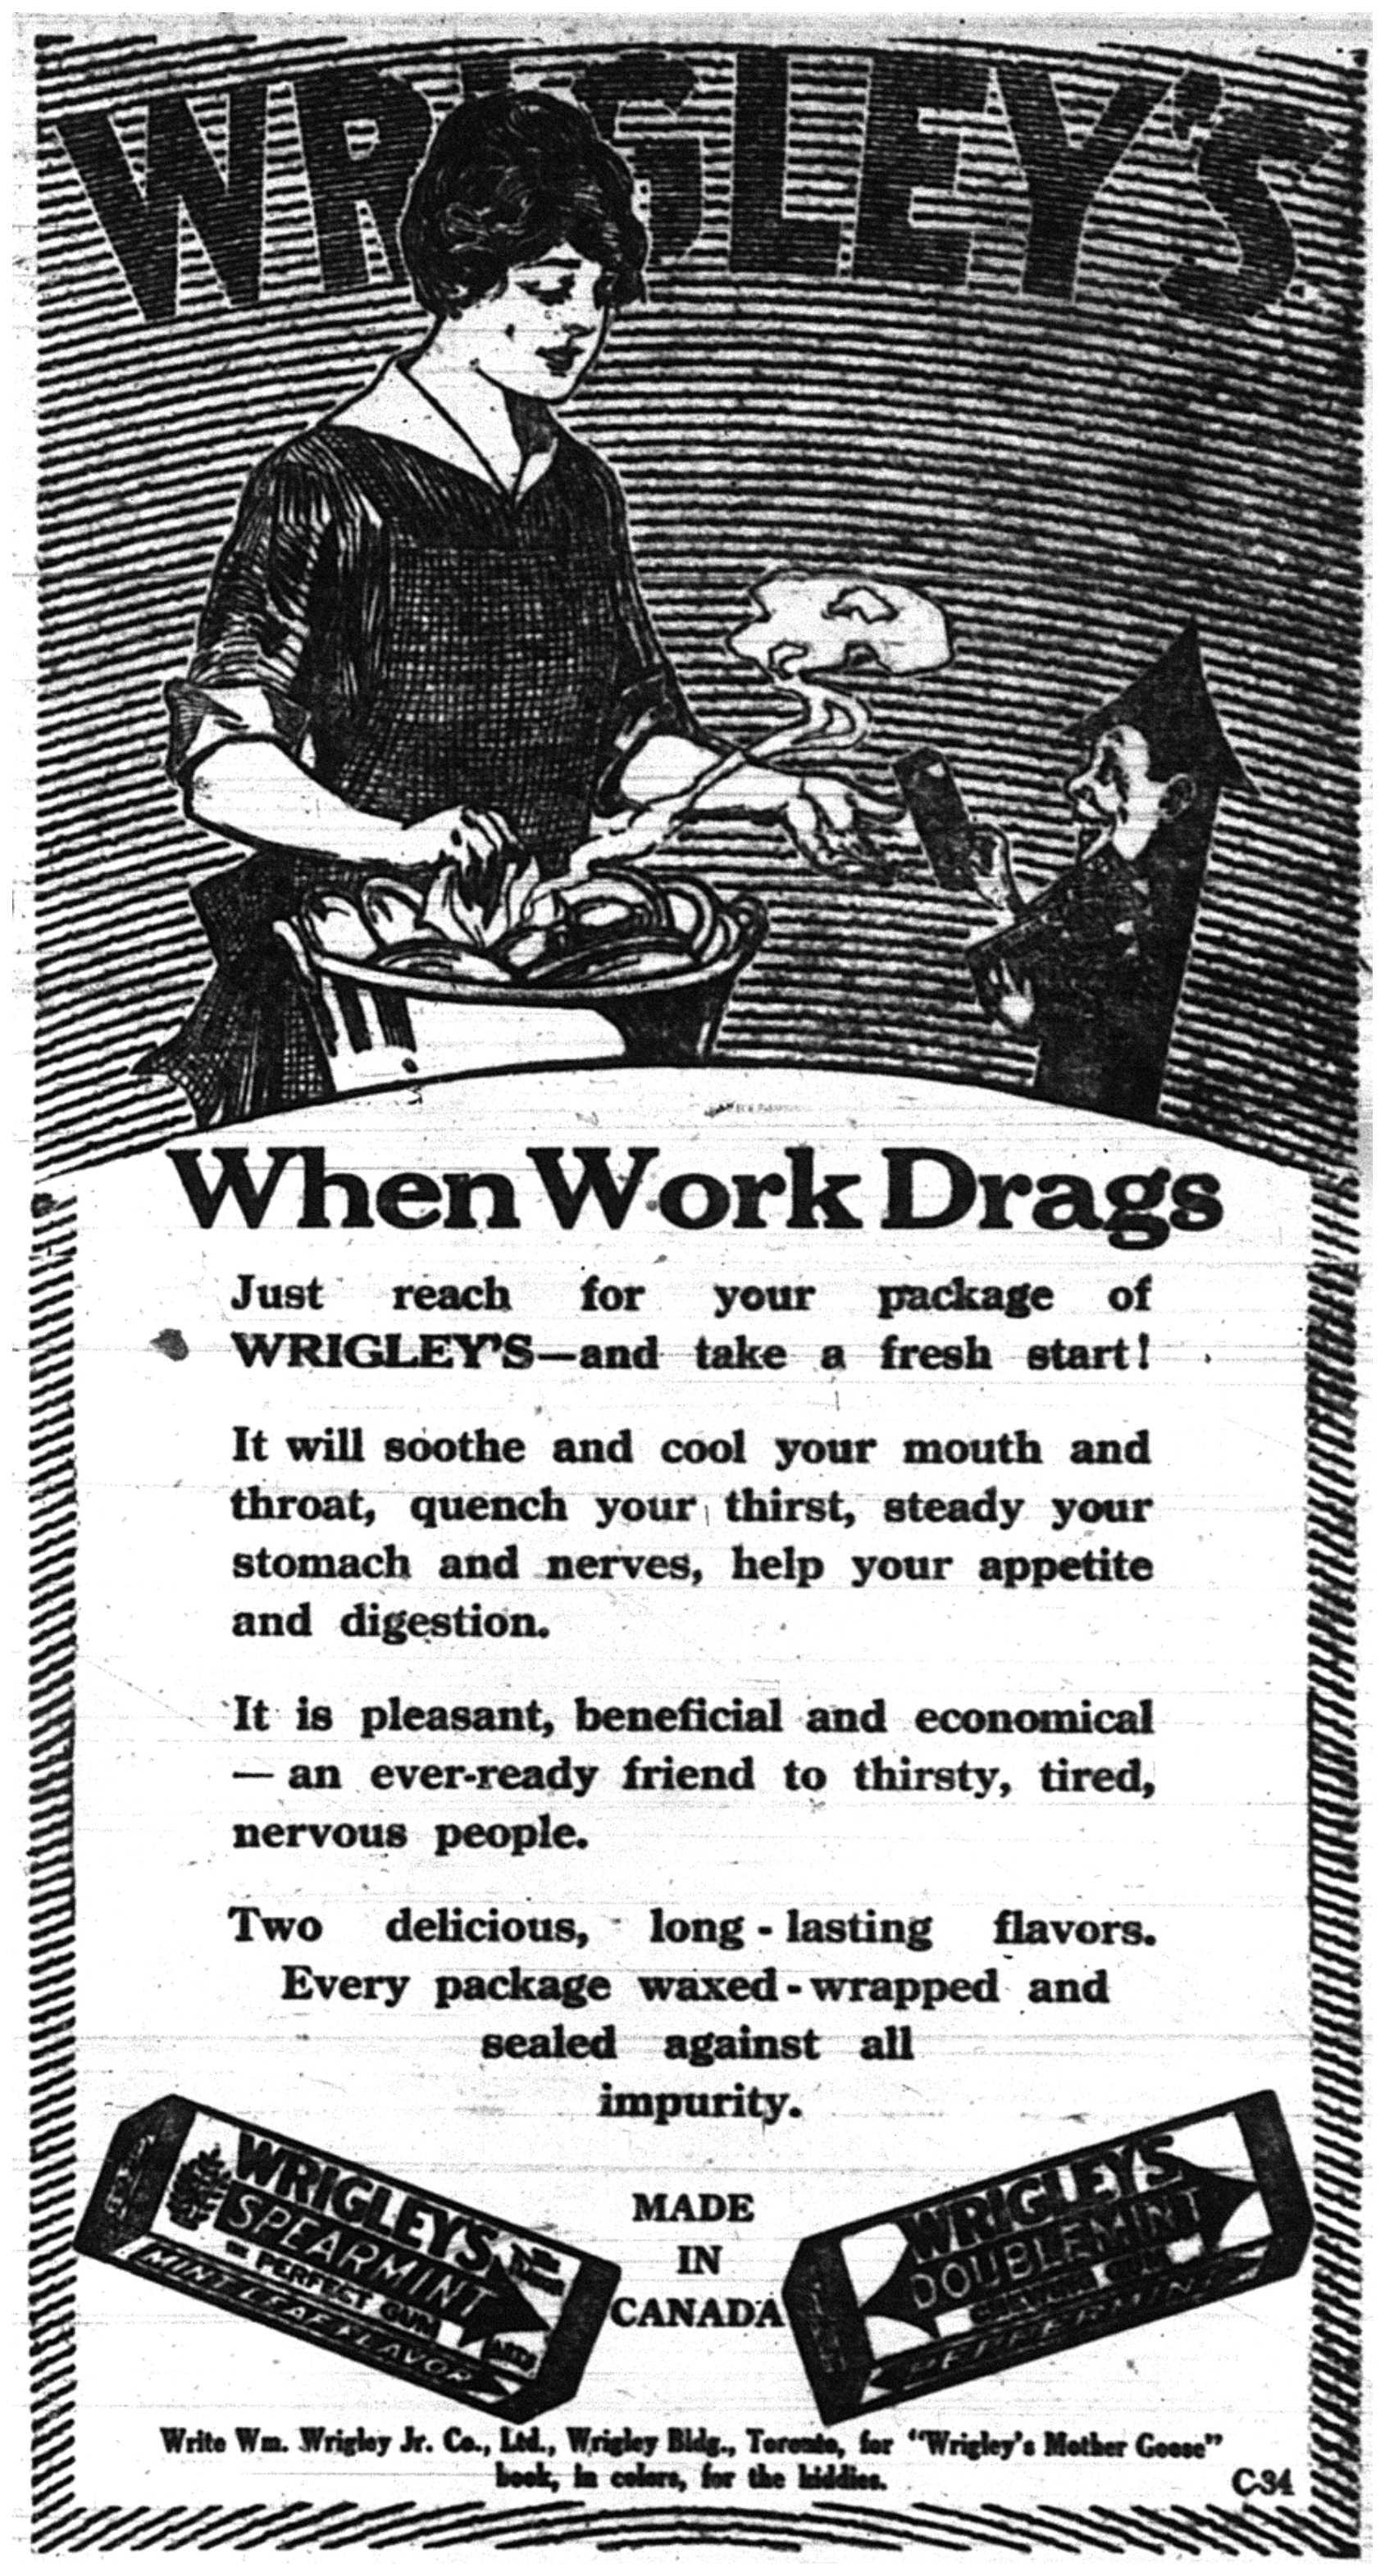 Wrigley's Ad